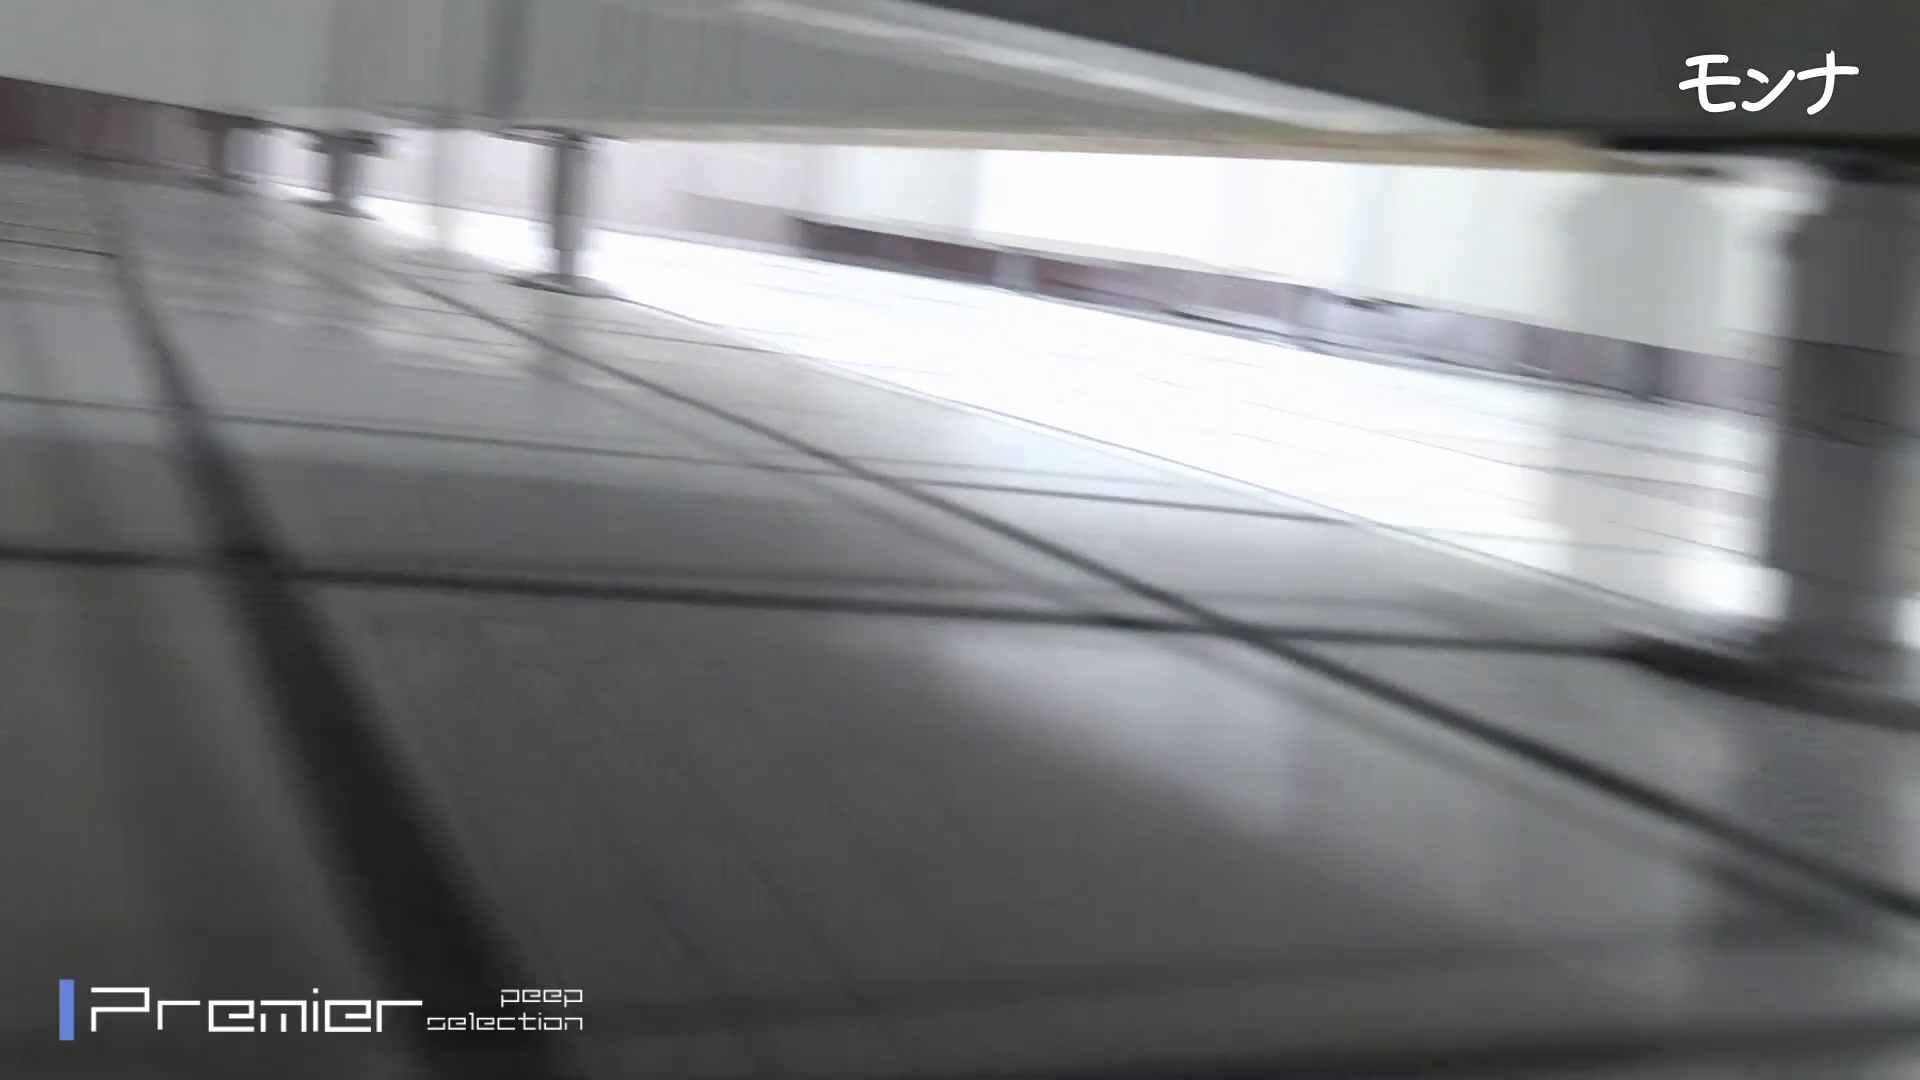 美しい日本の未来 No.84この美脚と距離感 おまんこ無修正 ヌード画像 102pic 19